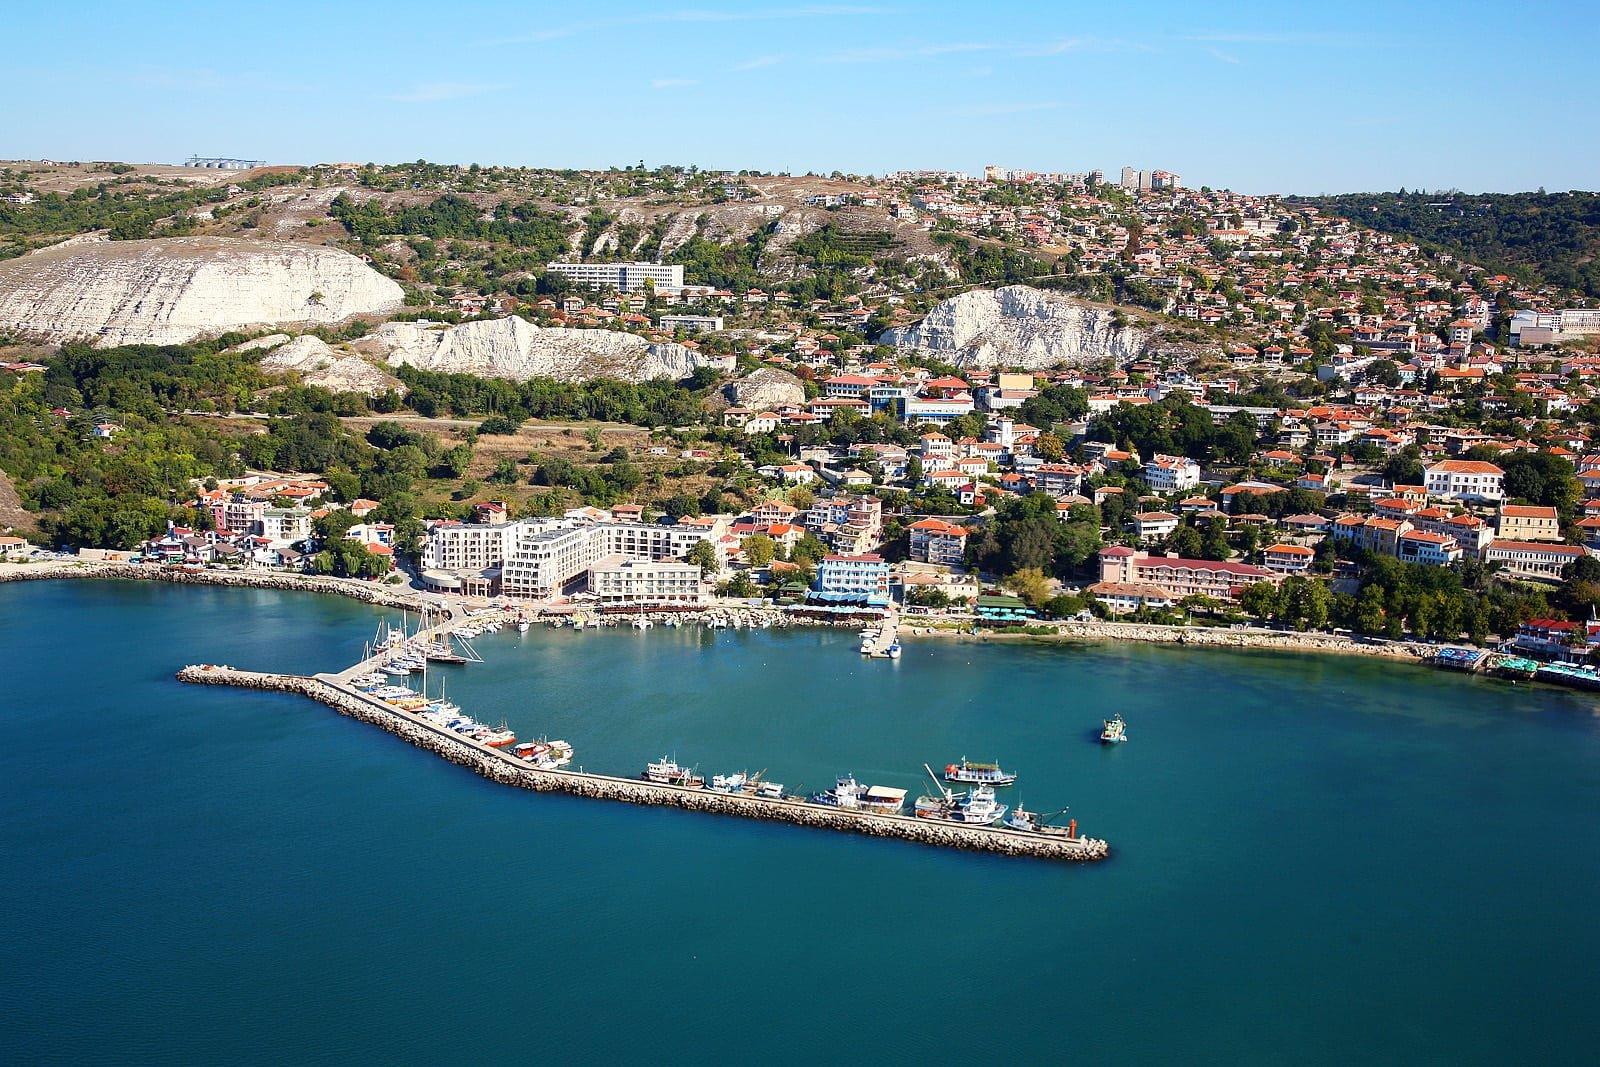 🏝 Две солнечных недели на берегу моря по низкой цене 🏝  Тур в Болгарию на 14 ночей всего за 30 233 р., вылет 10 августа.